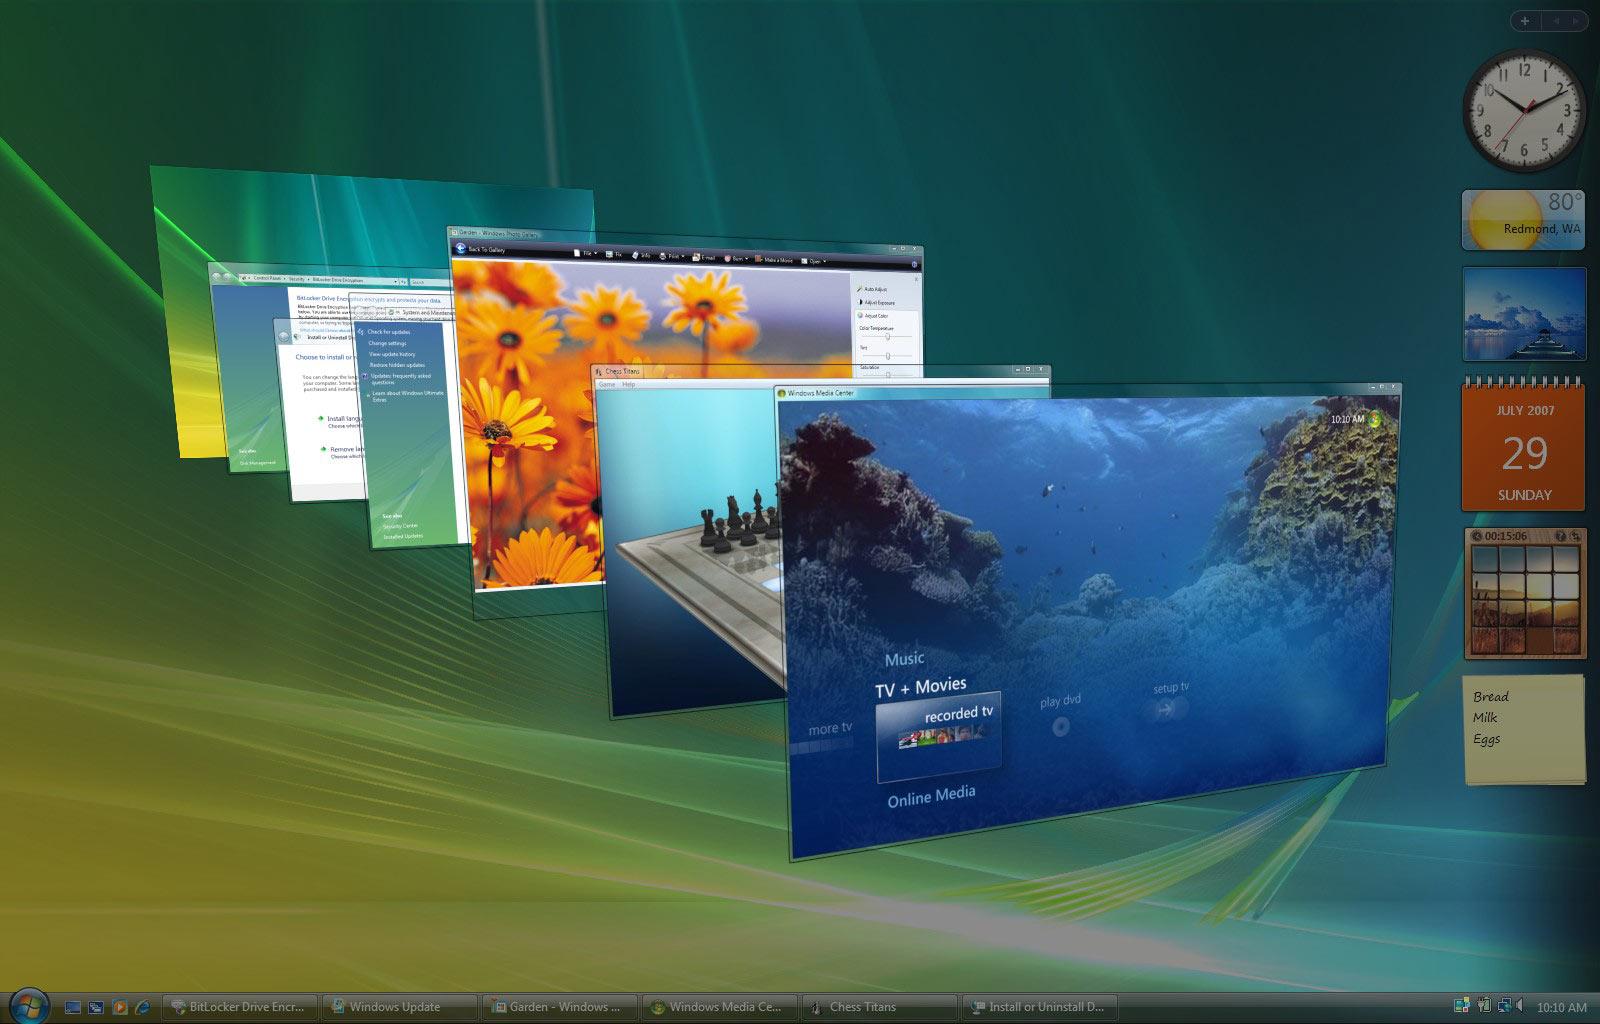 Aperçu de l'interface Aero et de ses effets 3D.